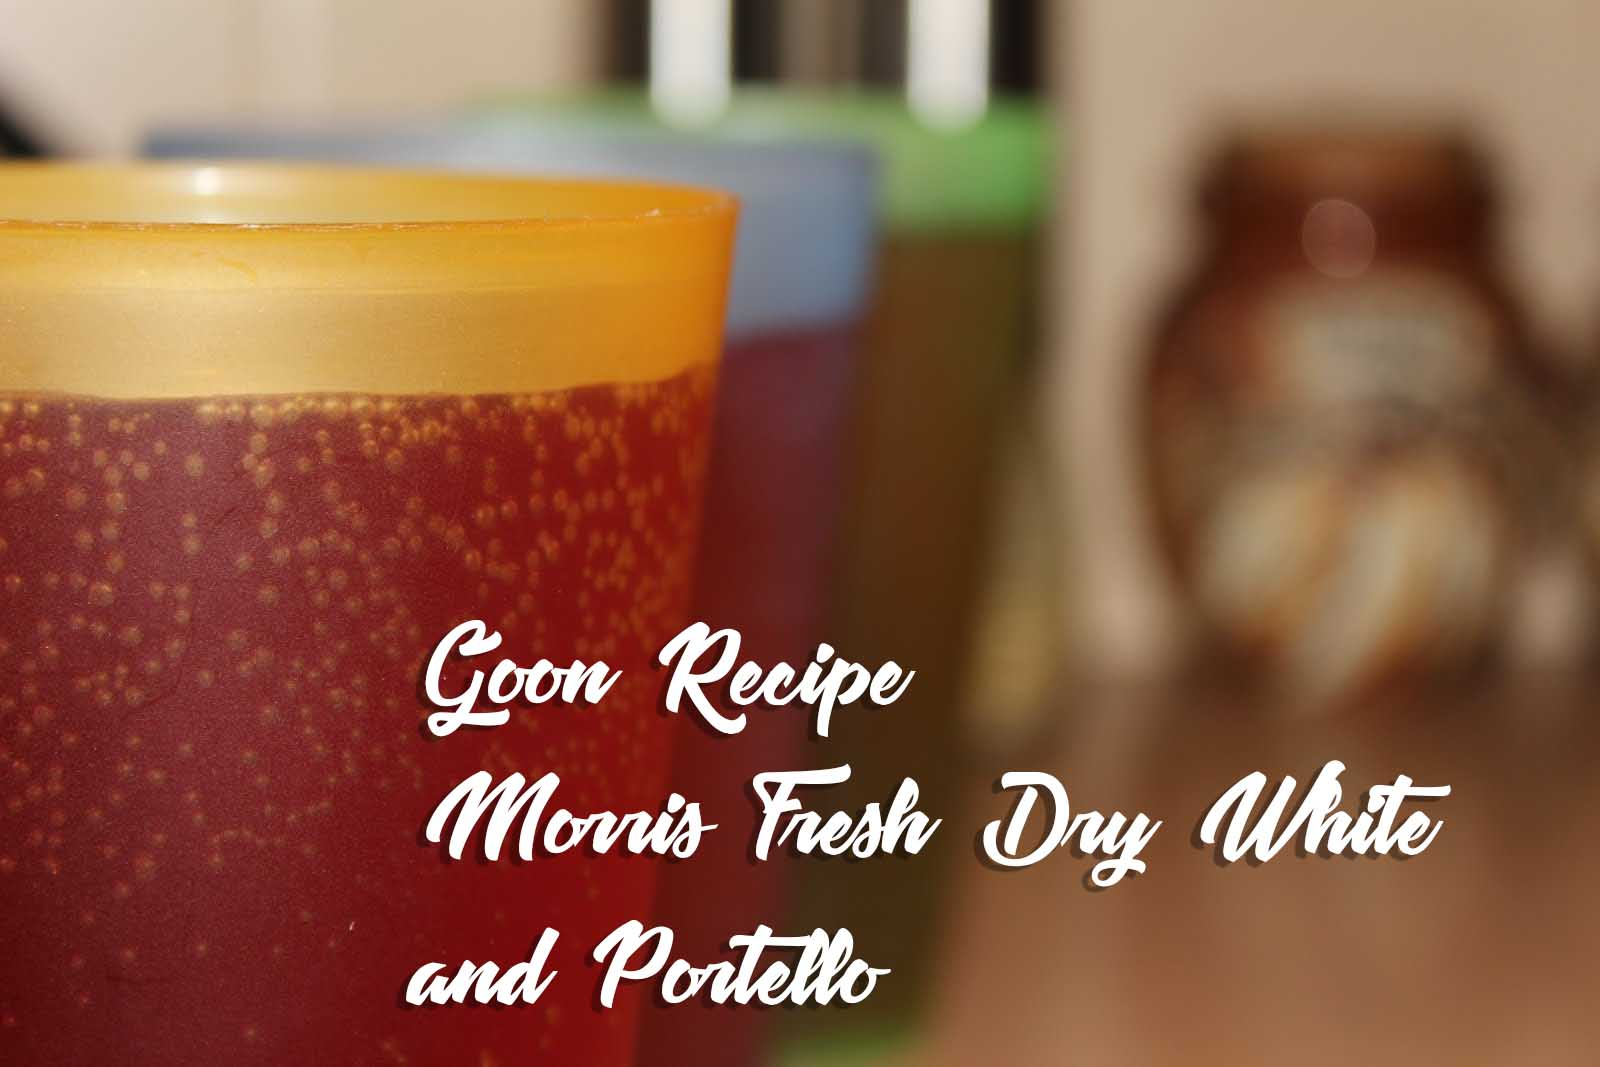 Morris_Fresh_Dry_White_and_Portello_Goon_Recipe